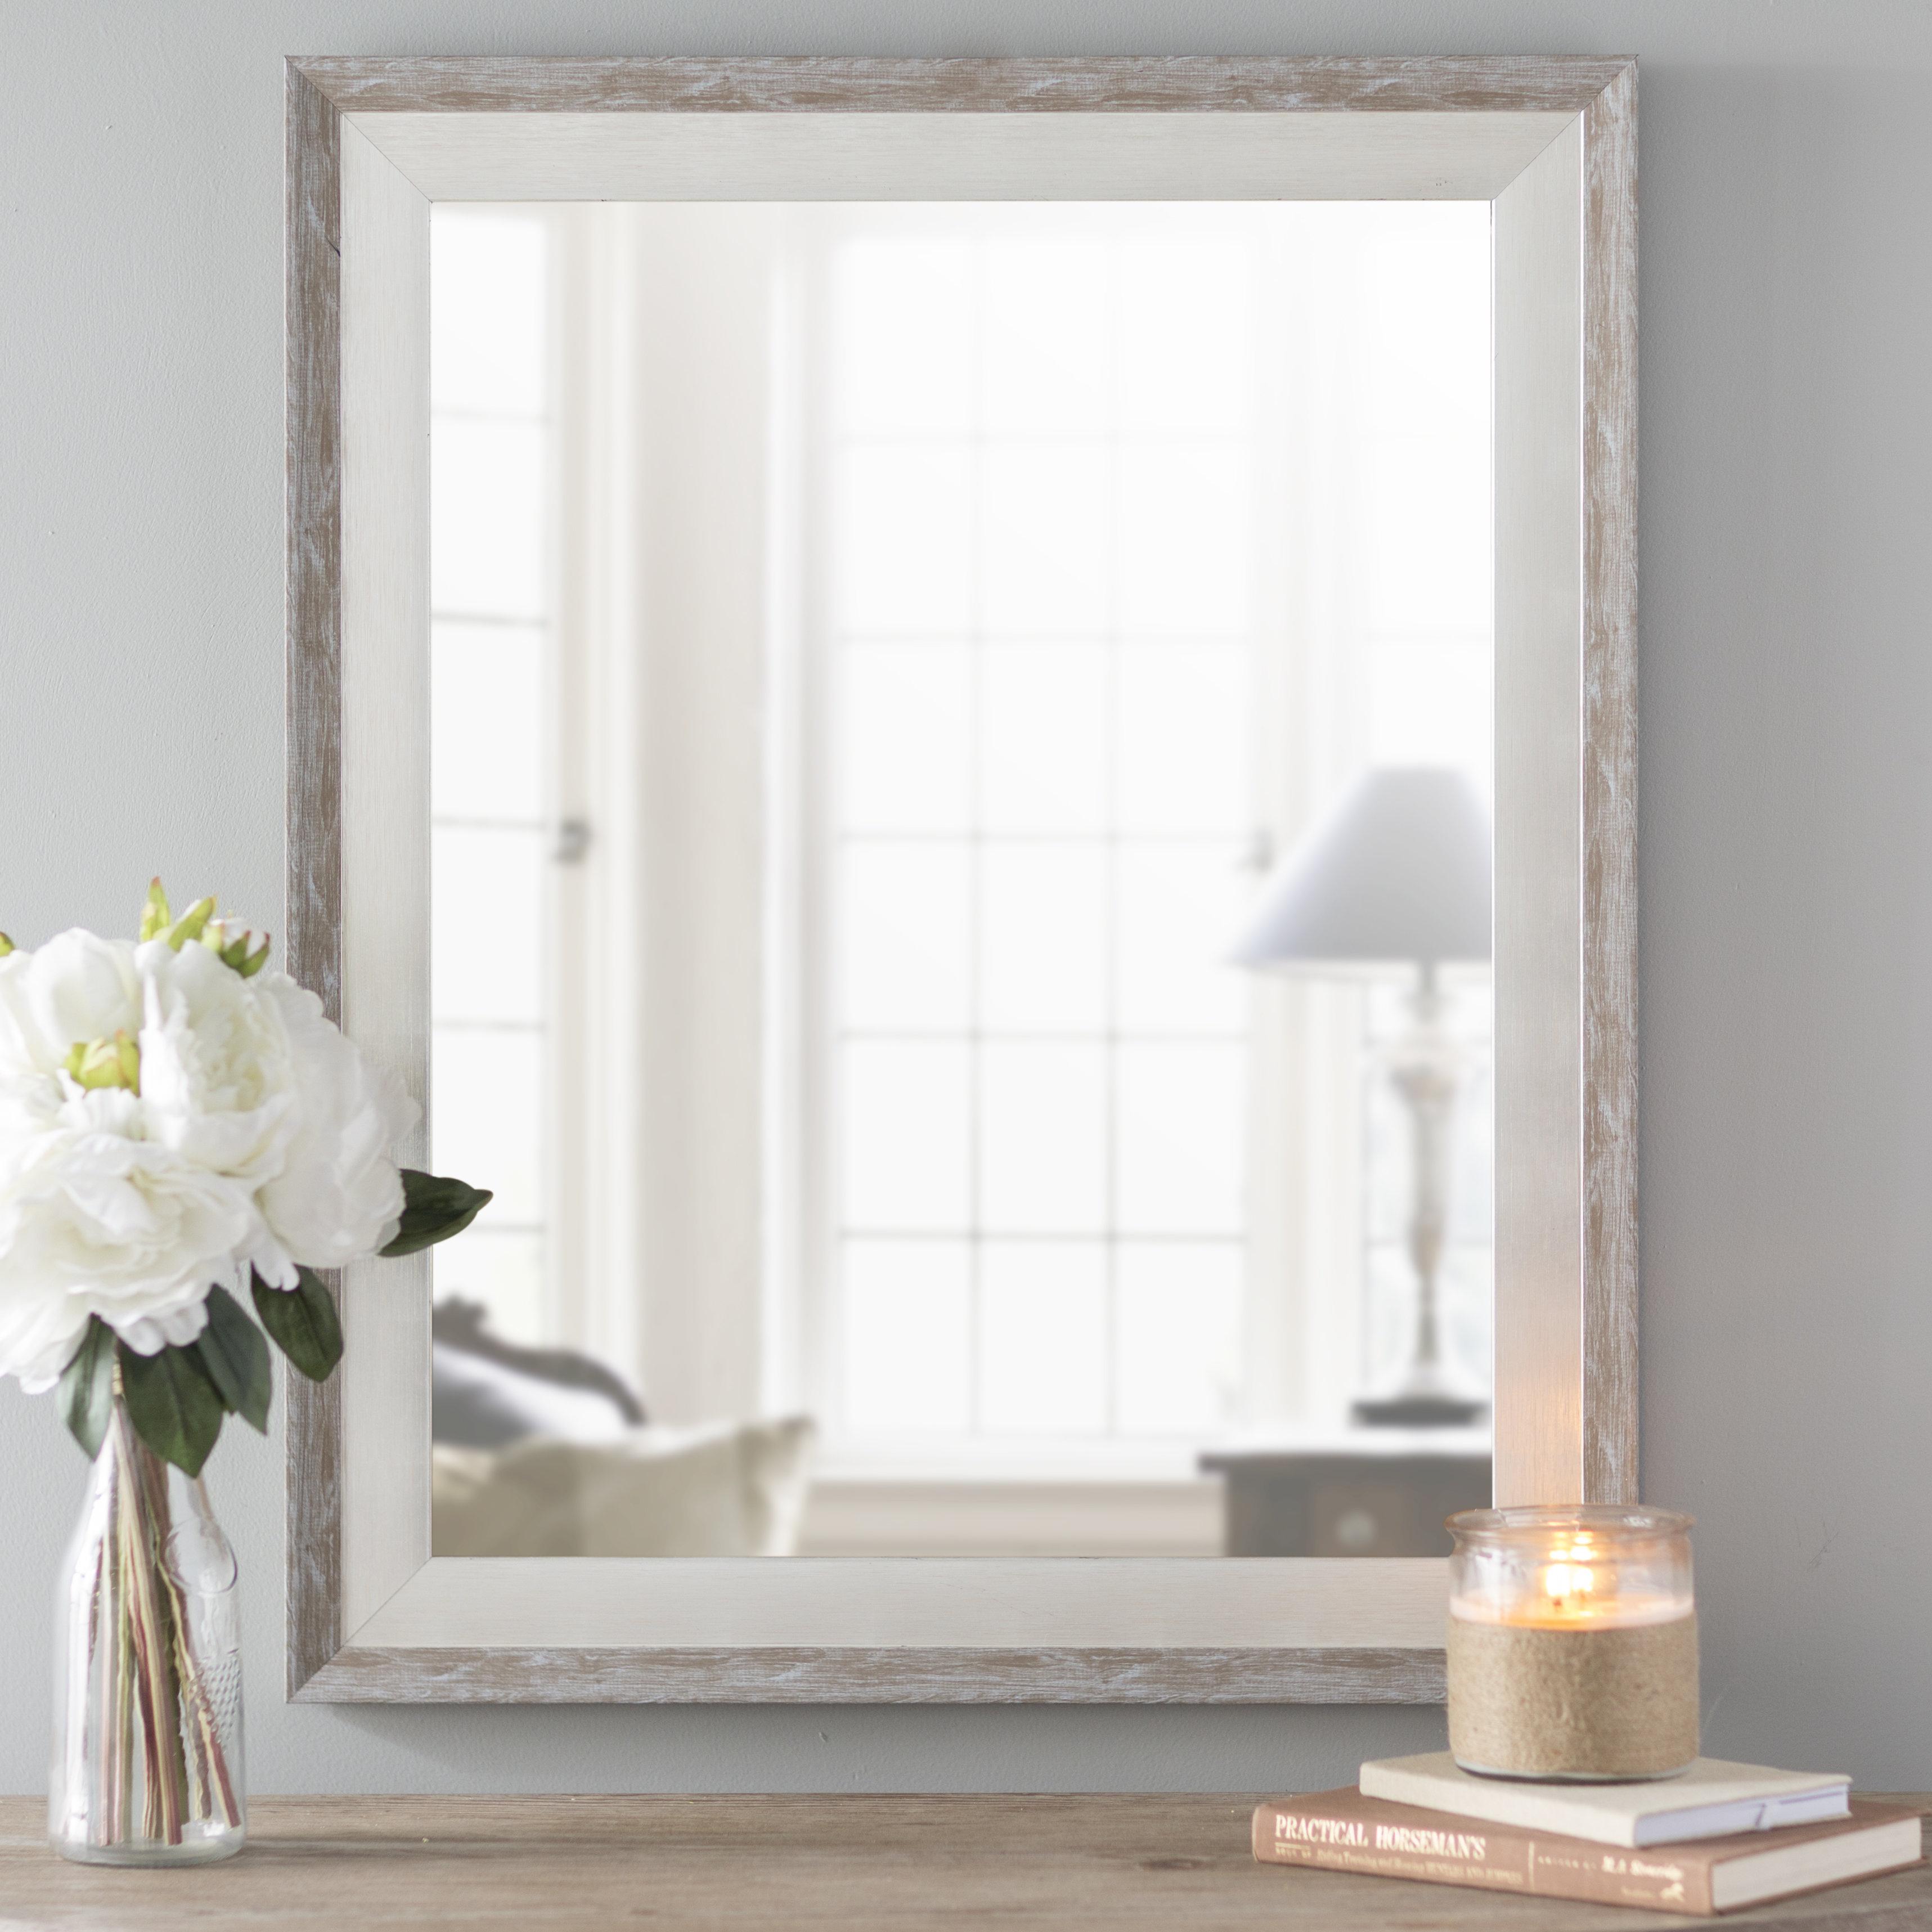 Epinal Shabby Elegance Wall Mirror With Regard To Epinal Shabby Elegance Wall Mirrors (Image 10 of 20)